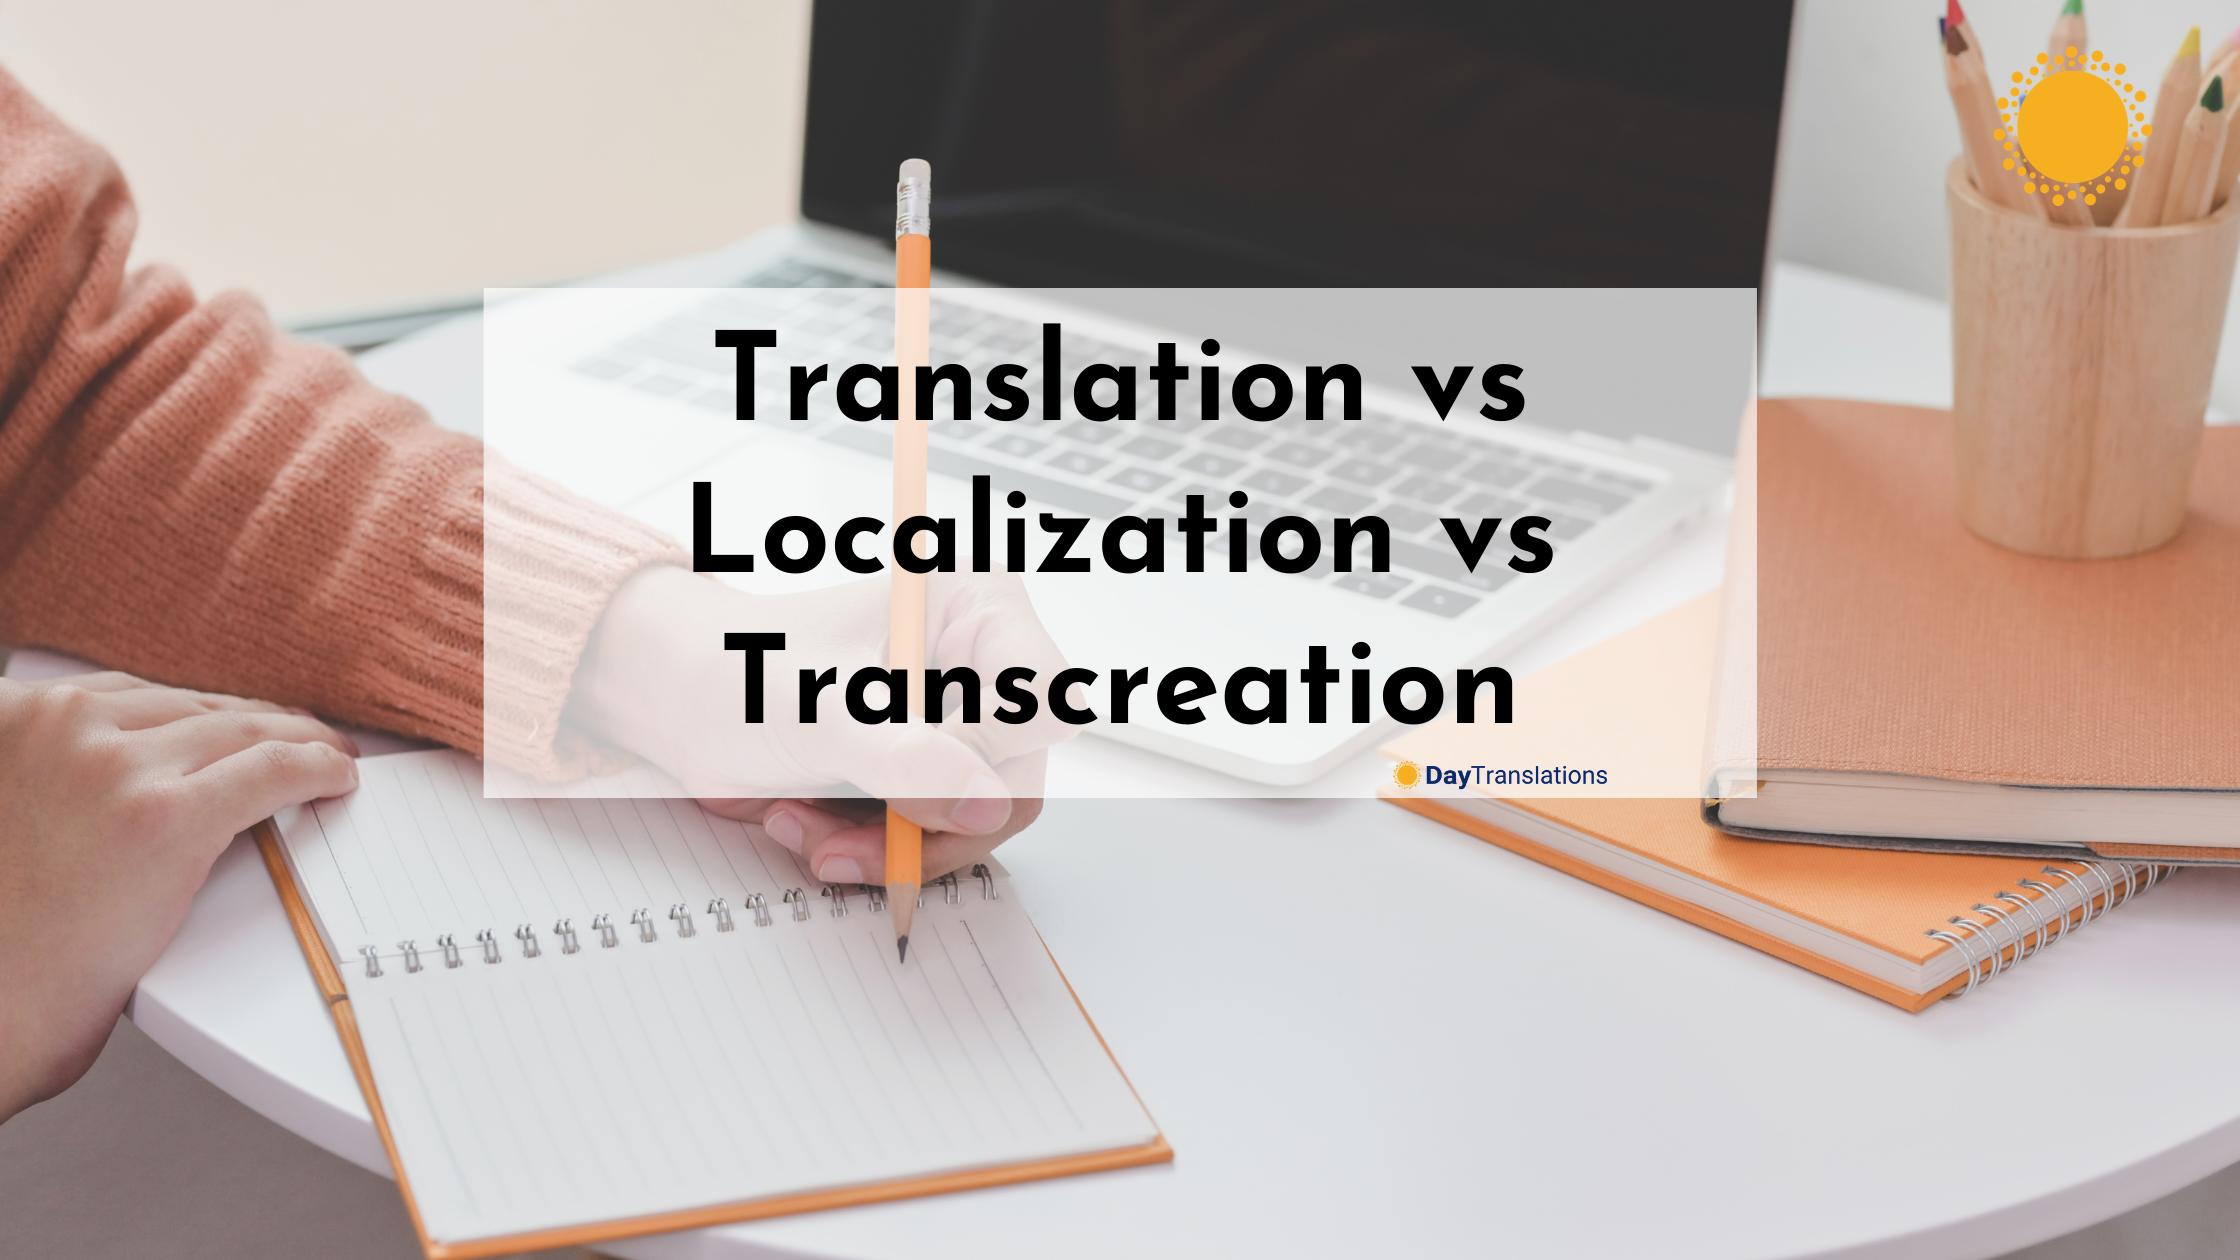 Translation vs Localization vs Transcreation